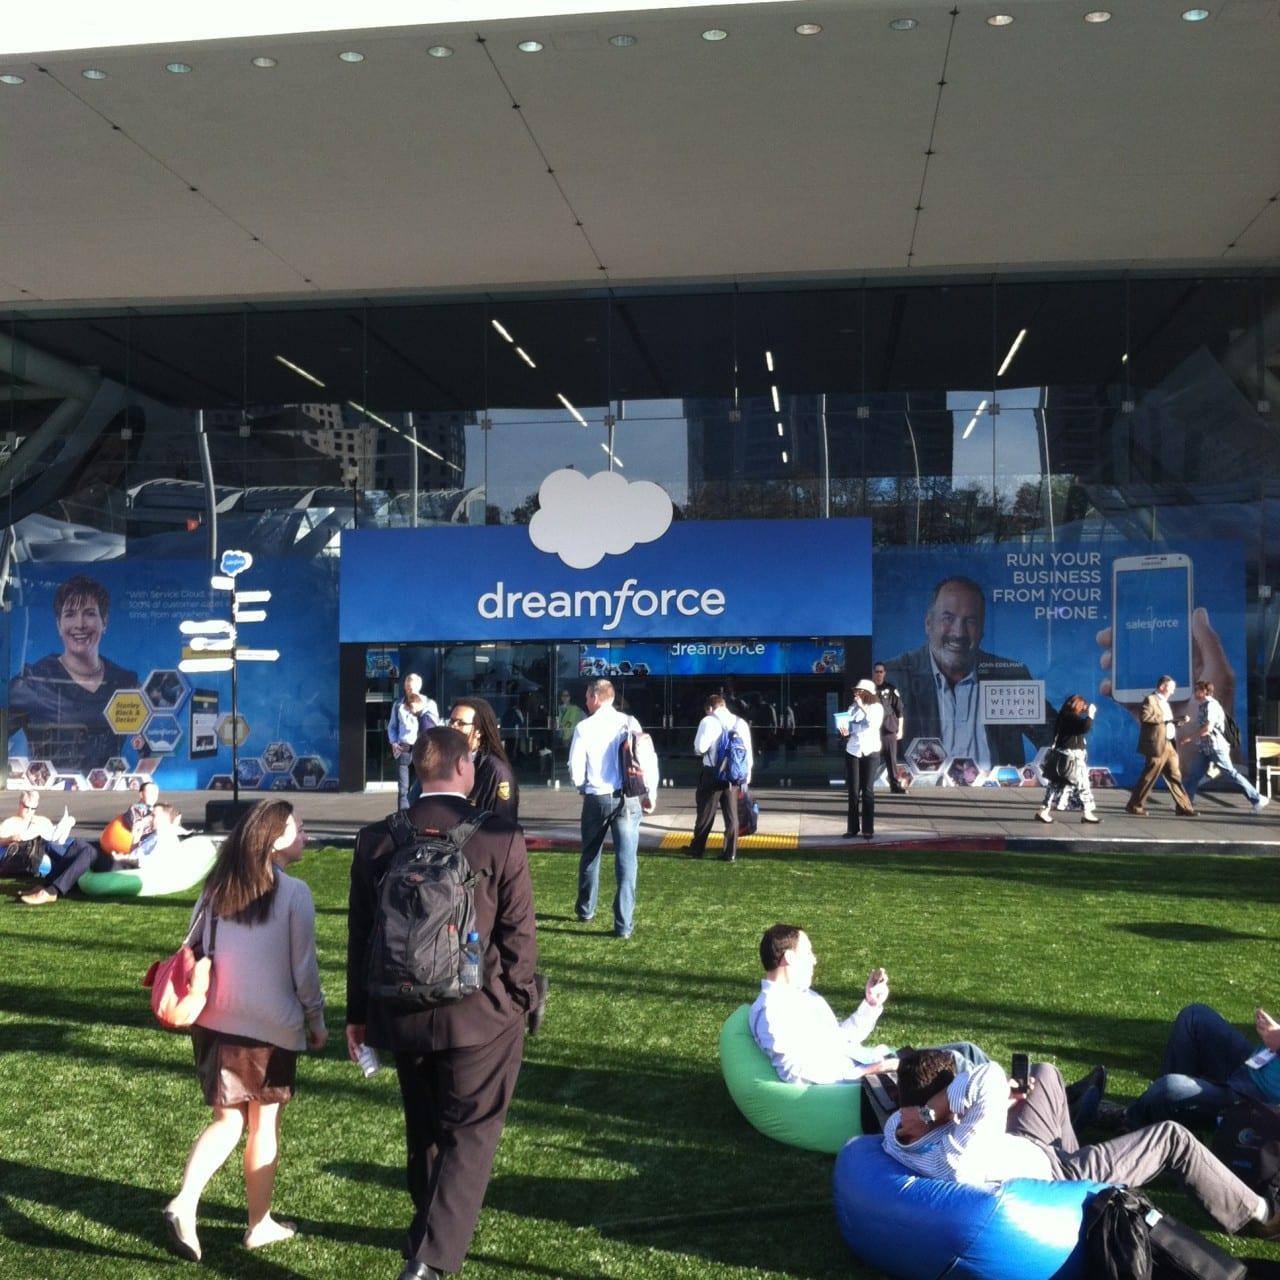 Dreamforce 2014 Plaza